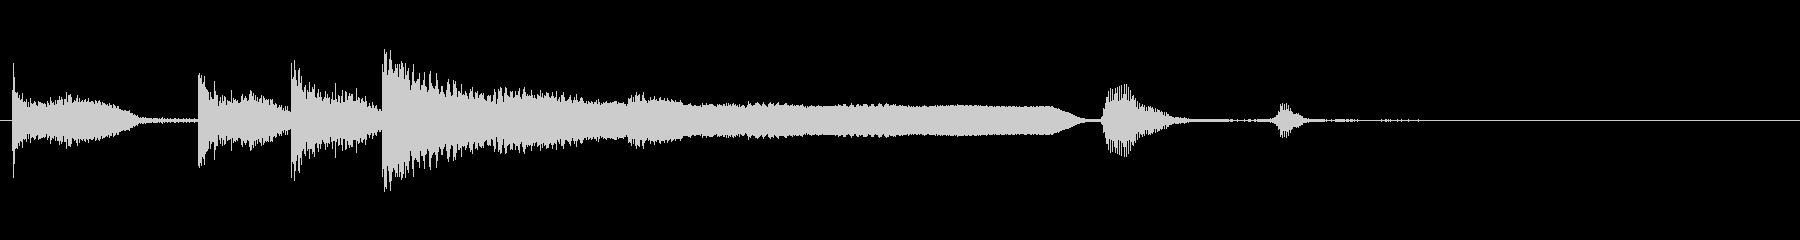 KANTファンファーレ2006072の未再生の波形